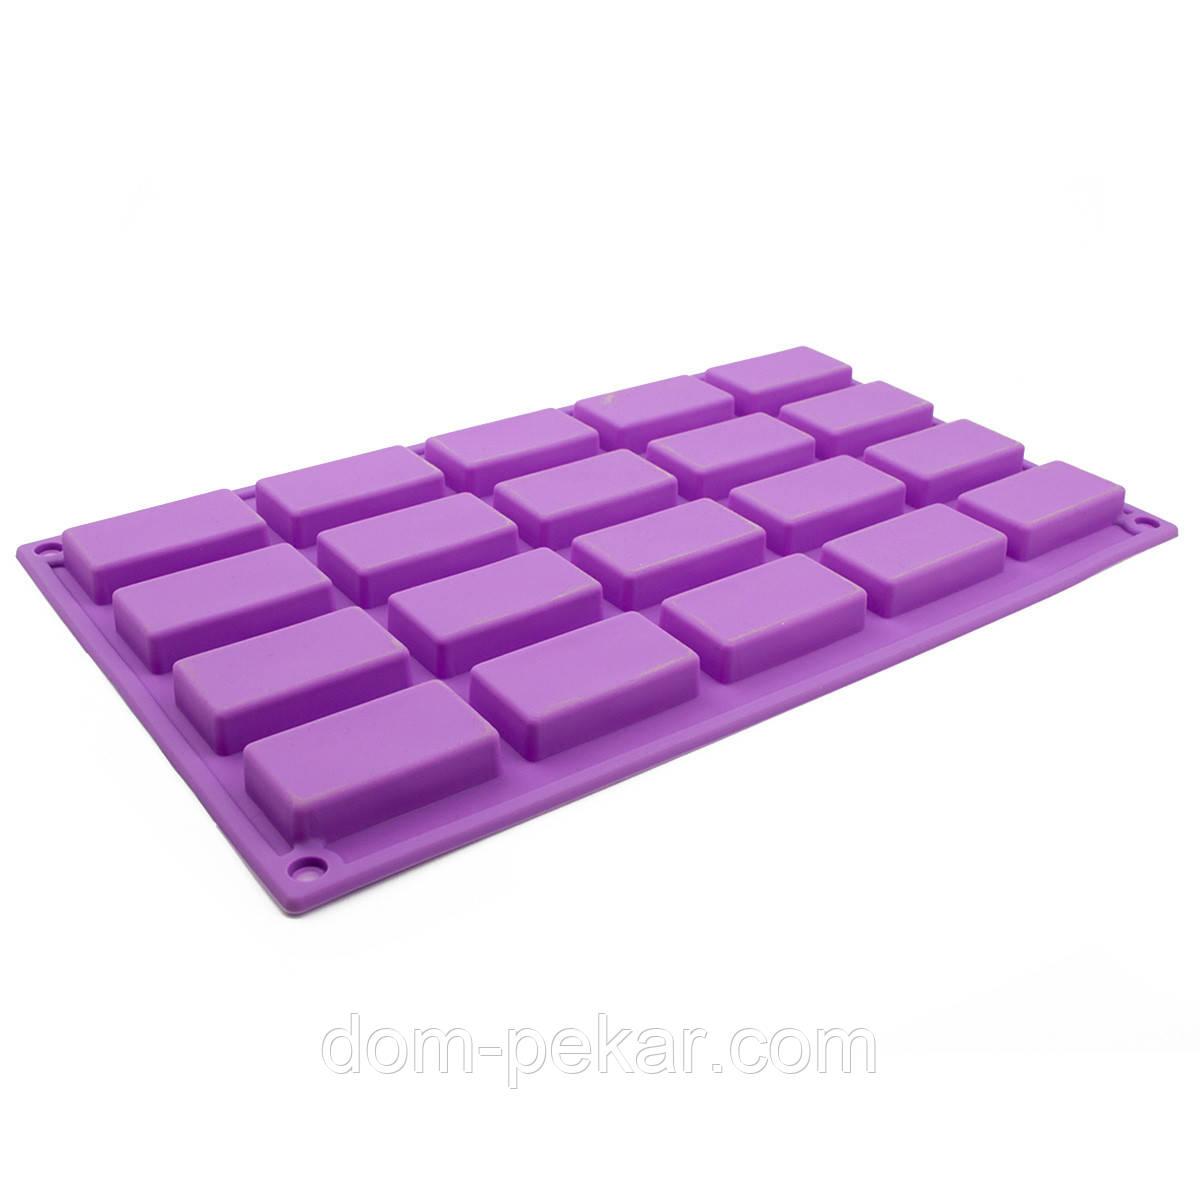 Форма для конфет и десертов Плиточки 20 шт